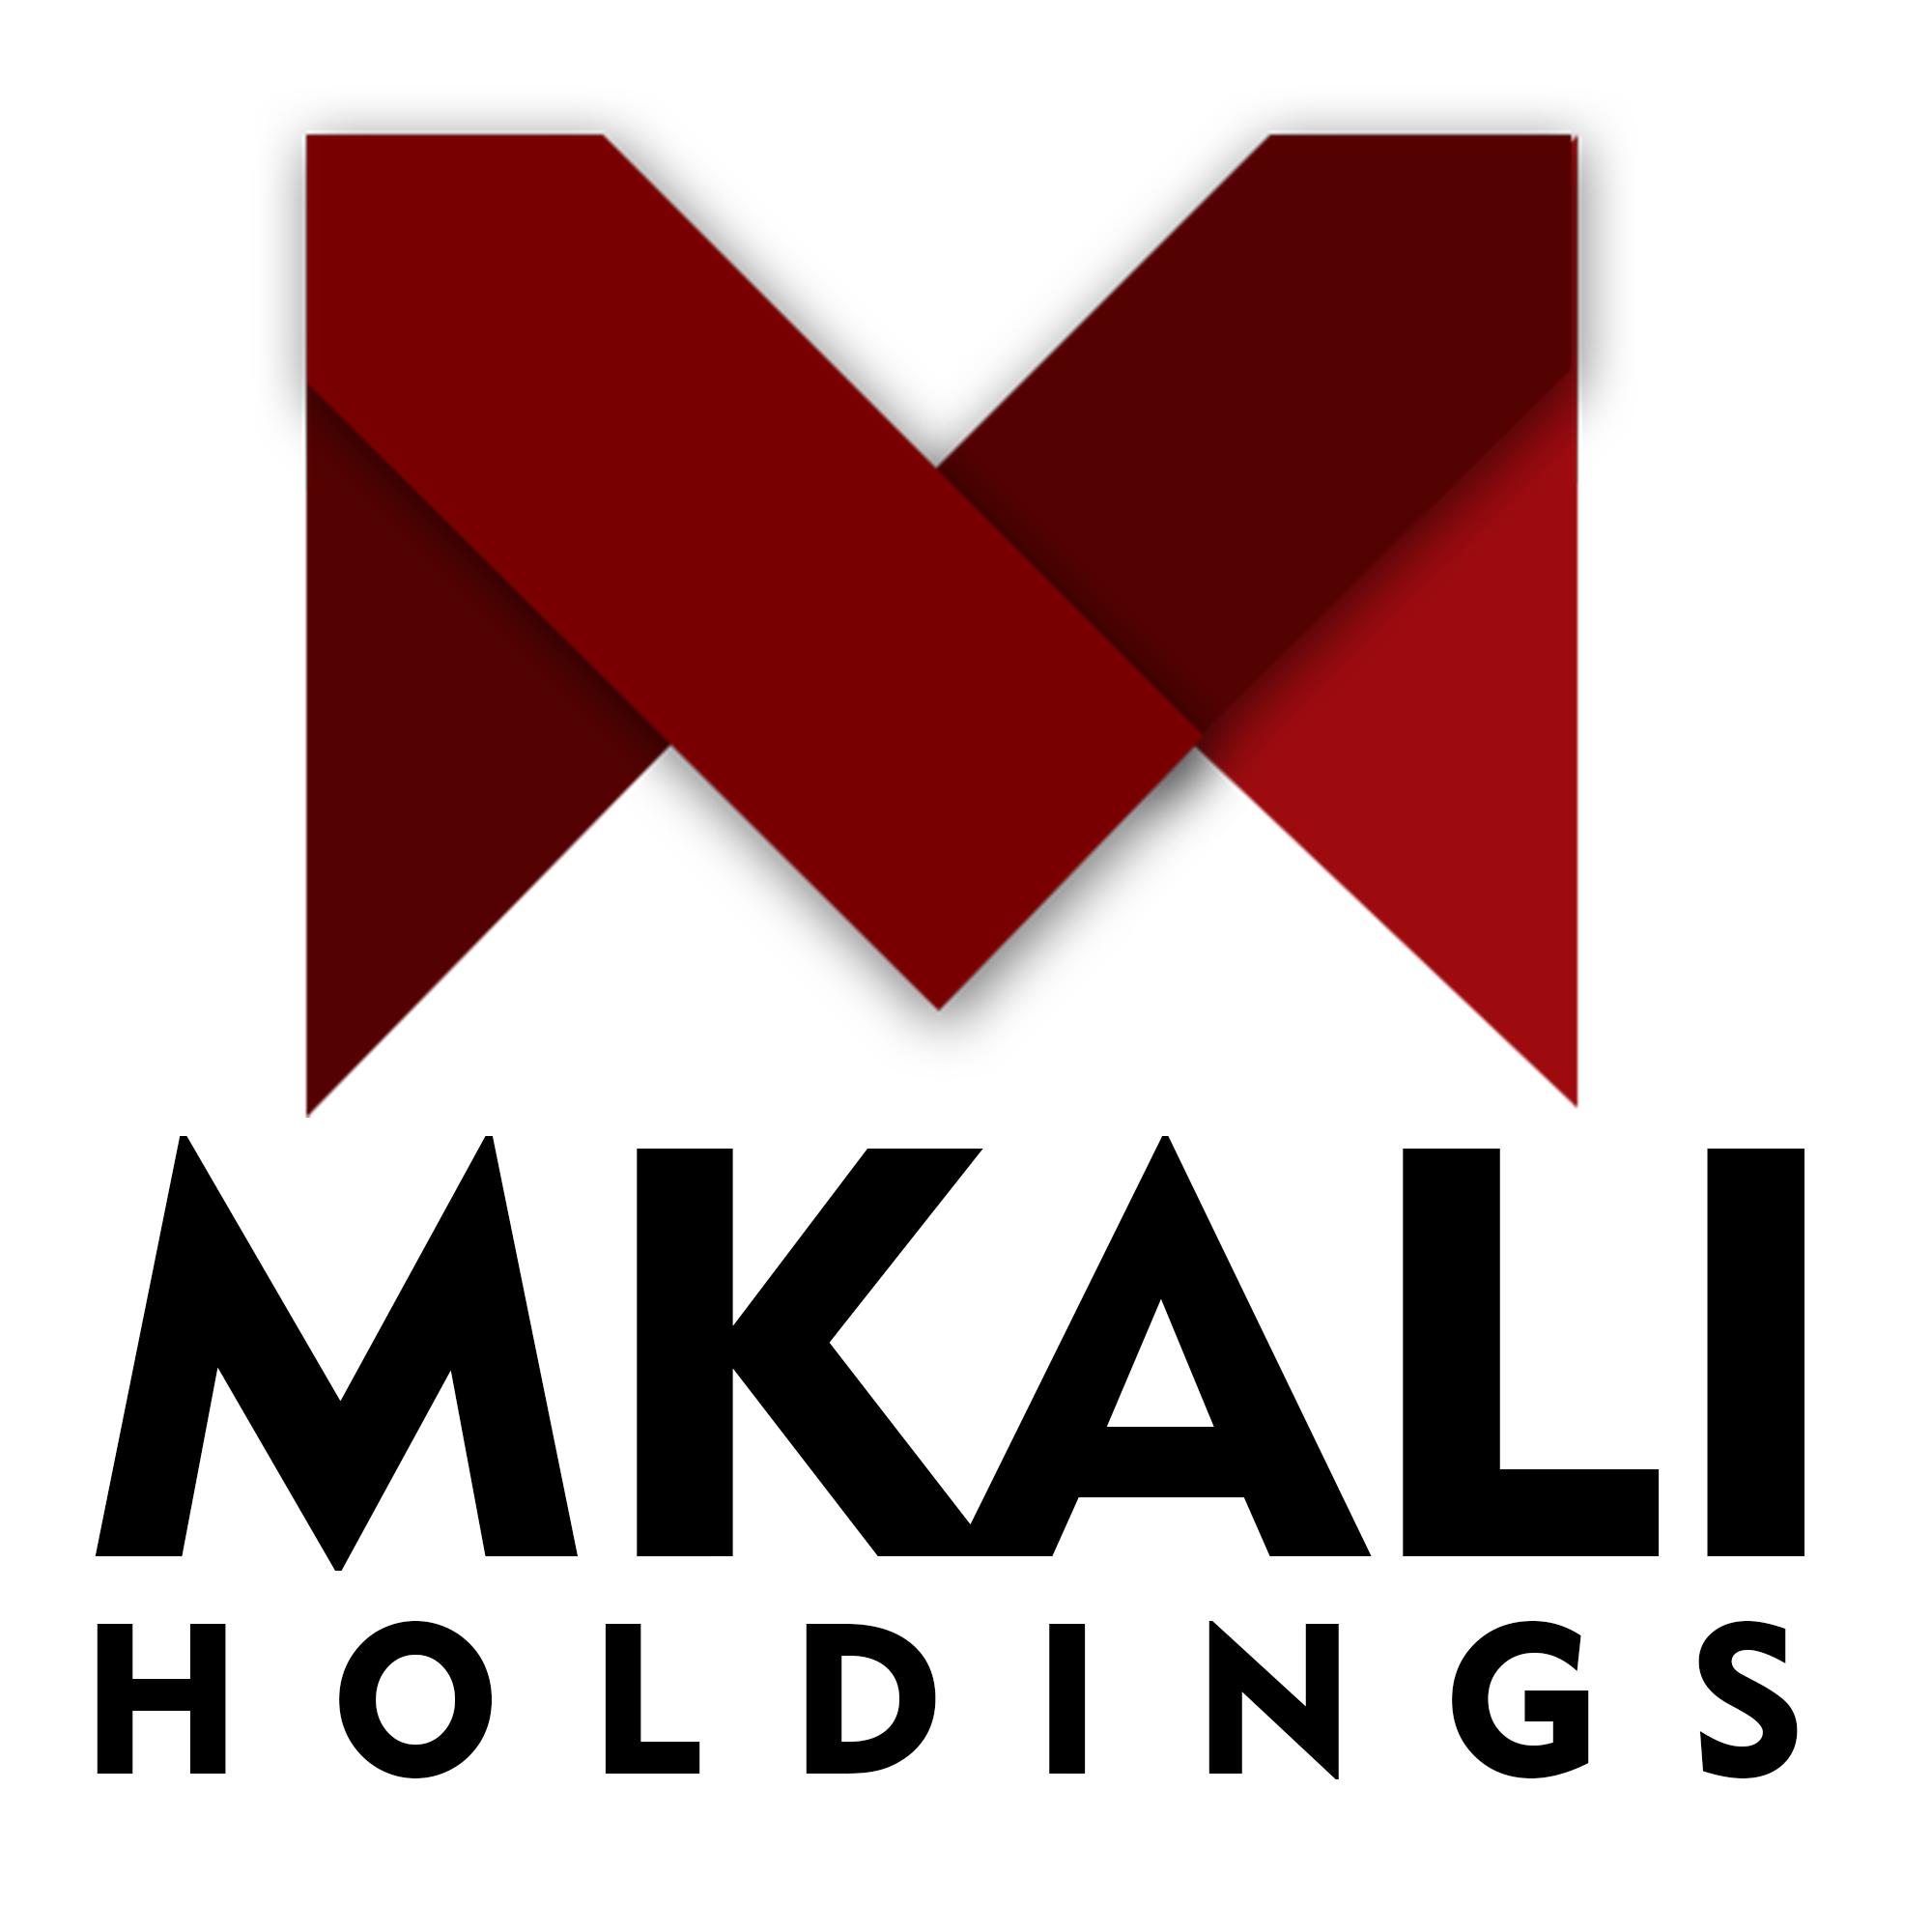 mkali holdings